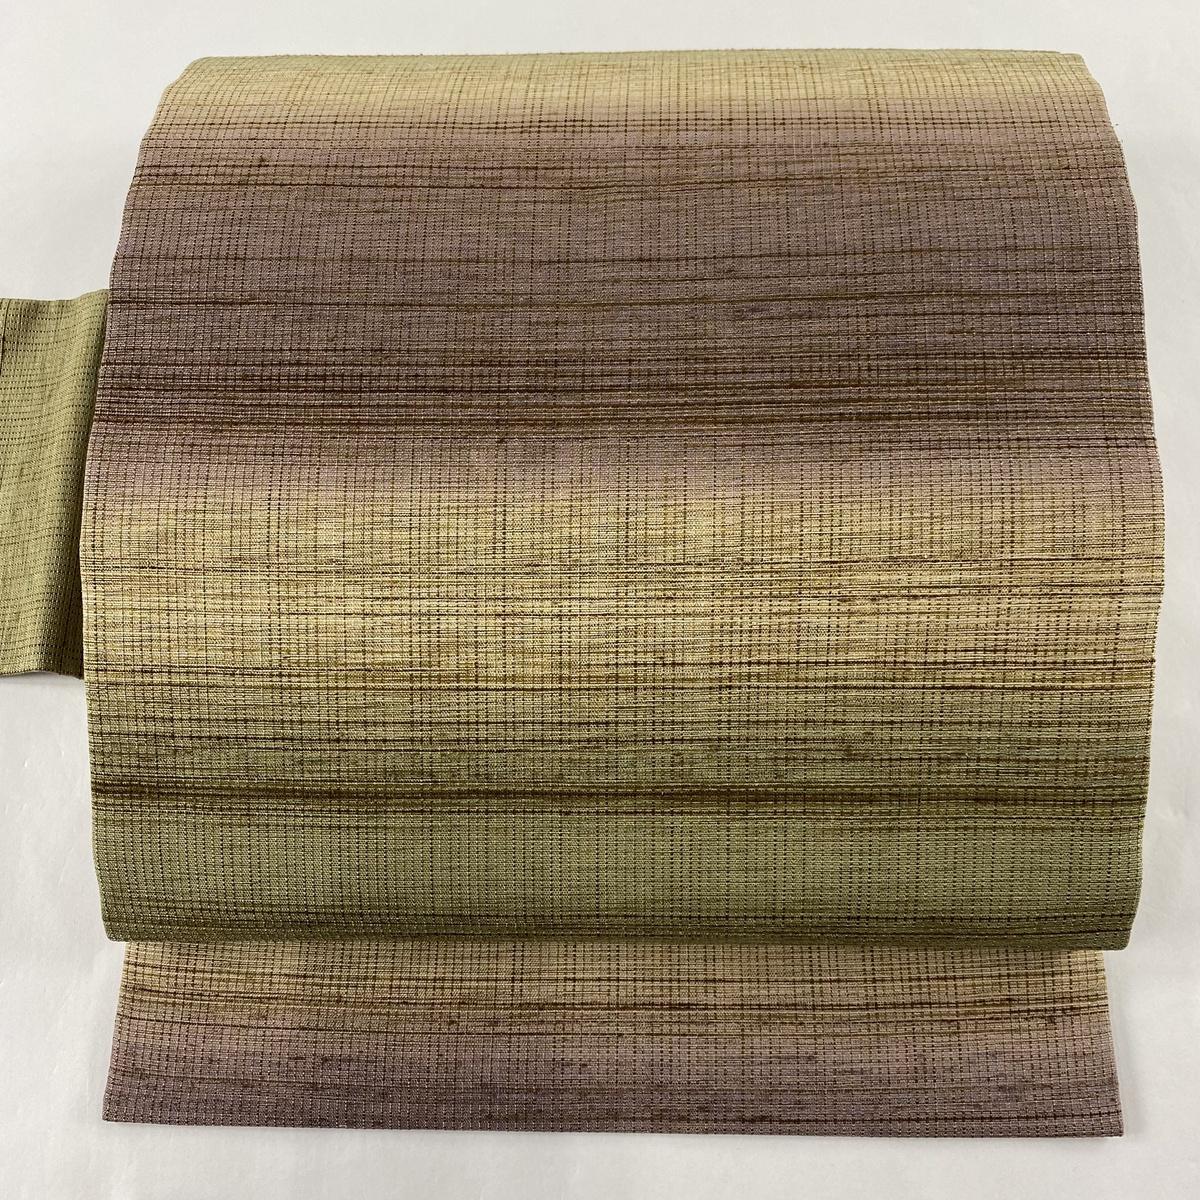 ランクA 帯 リサイクル 送料無料 名古屋帯 美品 金糸 40%OFFの激安セール 中古 茶緑色 低価格 逸品 縞 正絹